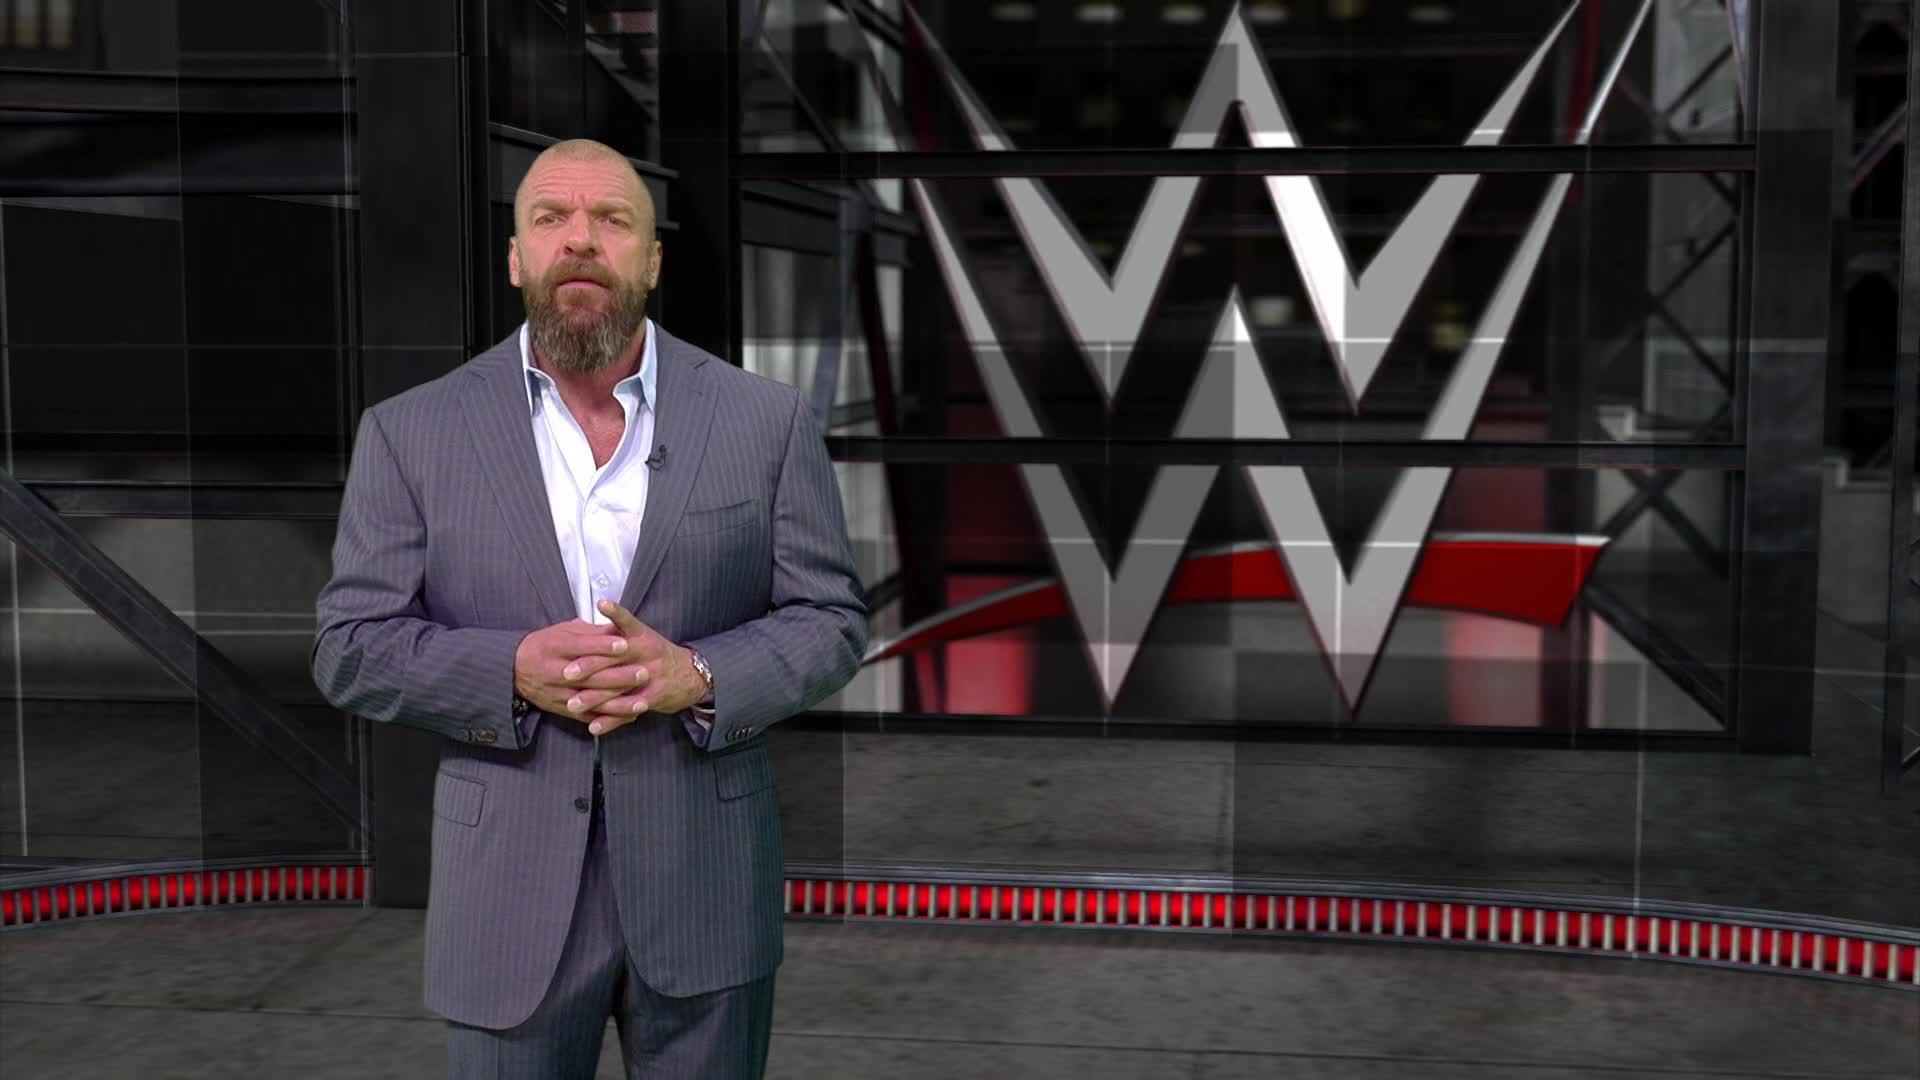 Triple H announces Australia's WWE Super Show-Down on Oct. 6